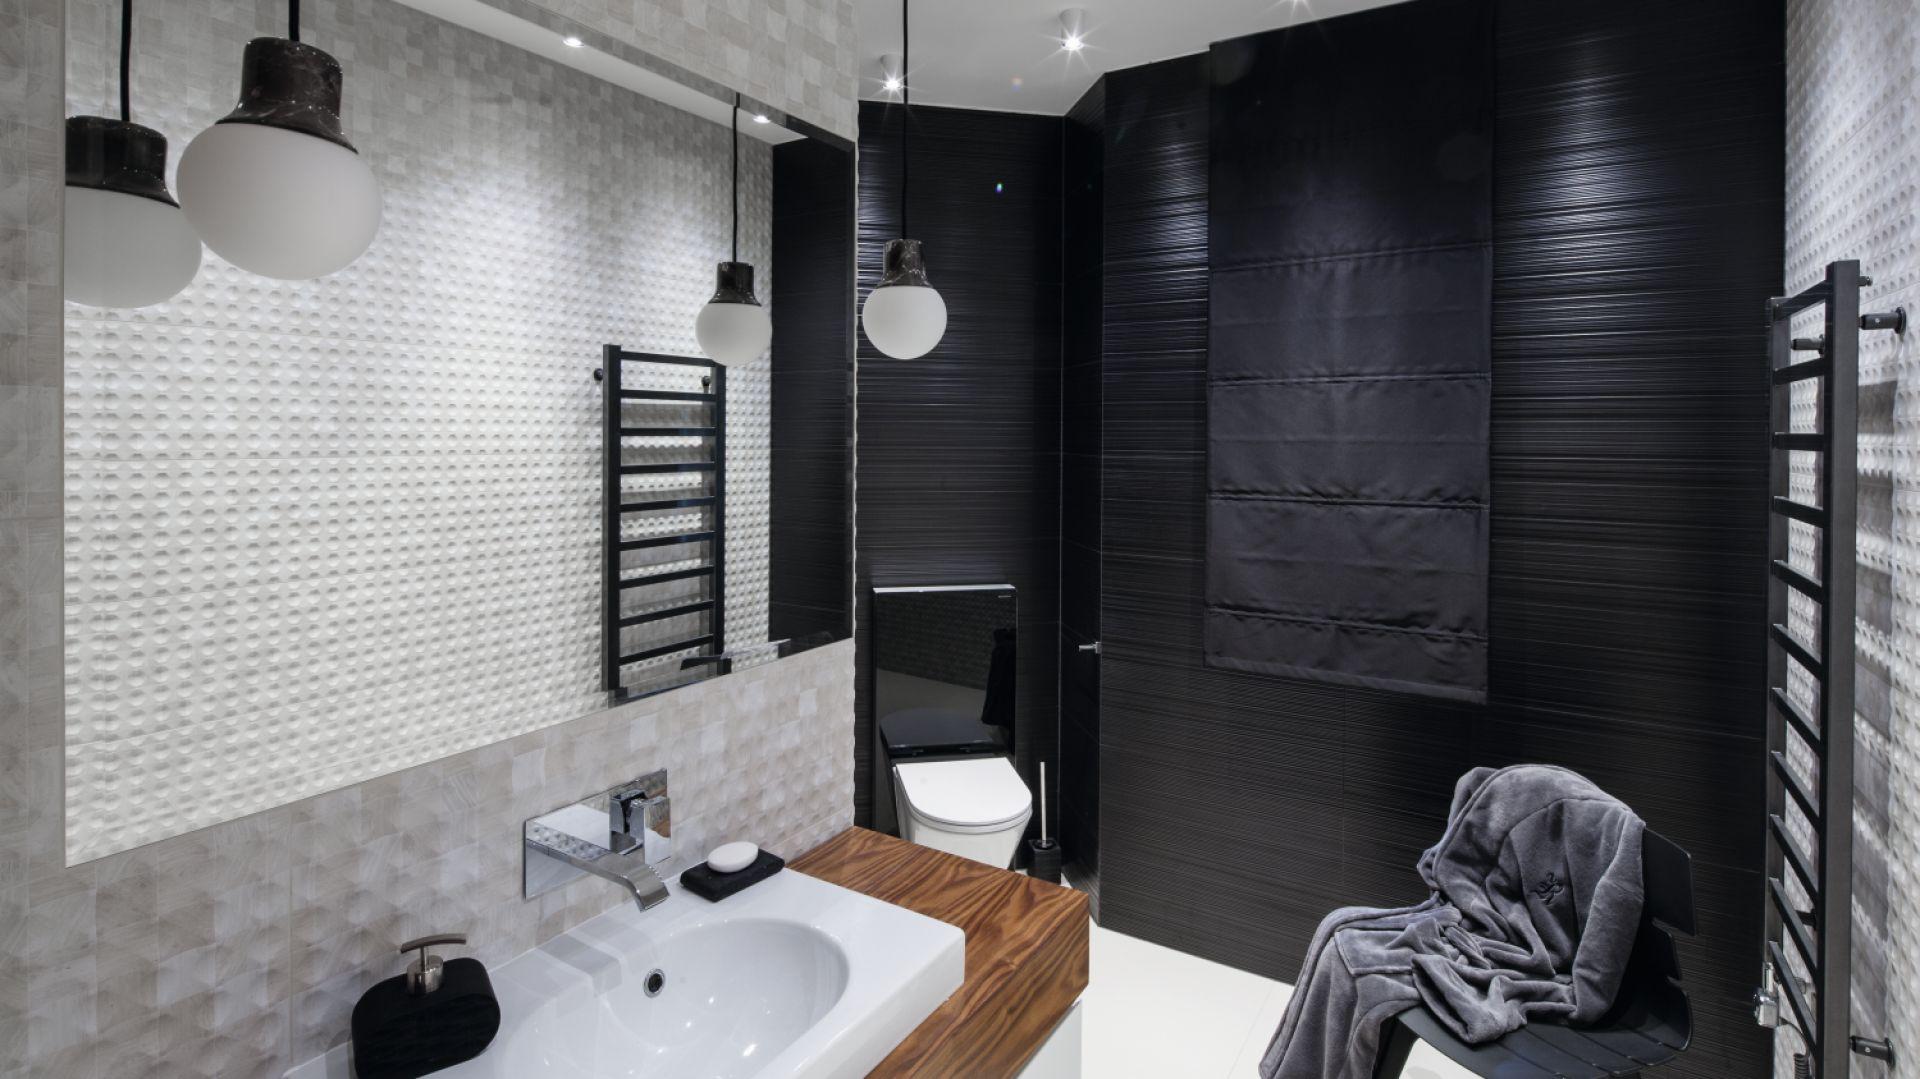 Oświetlenie w łazience. Proj. Jan Sikora. Fot. Bartosz Jarosz